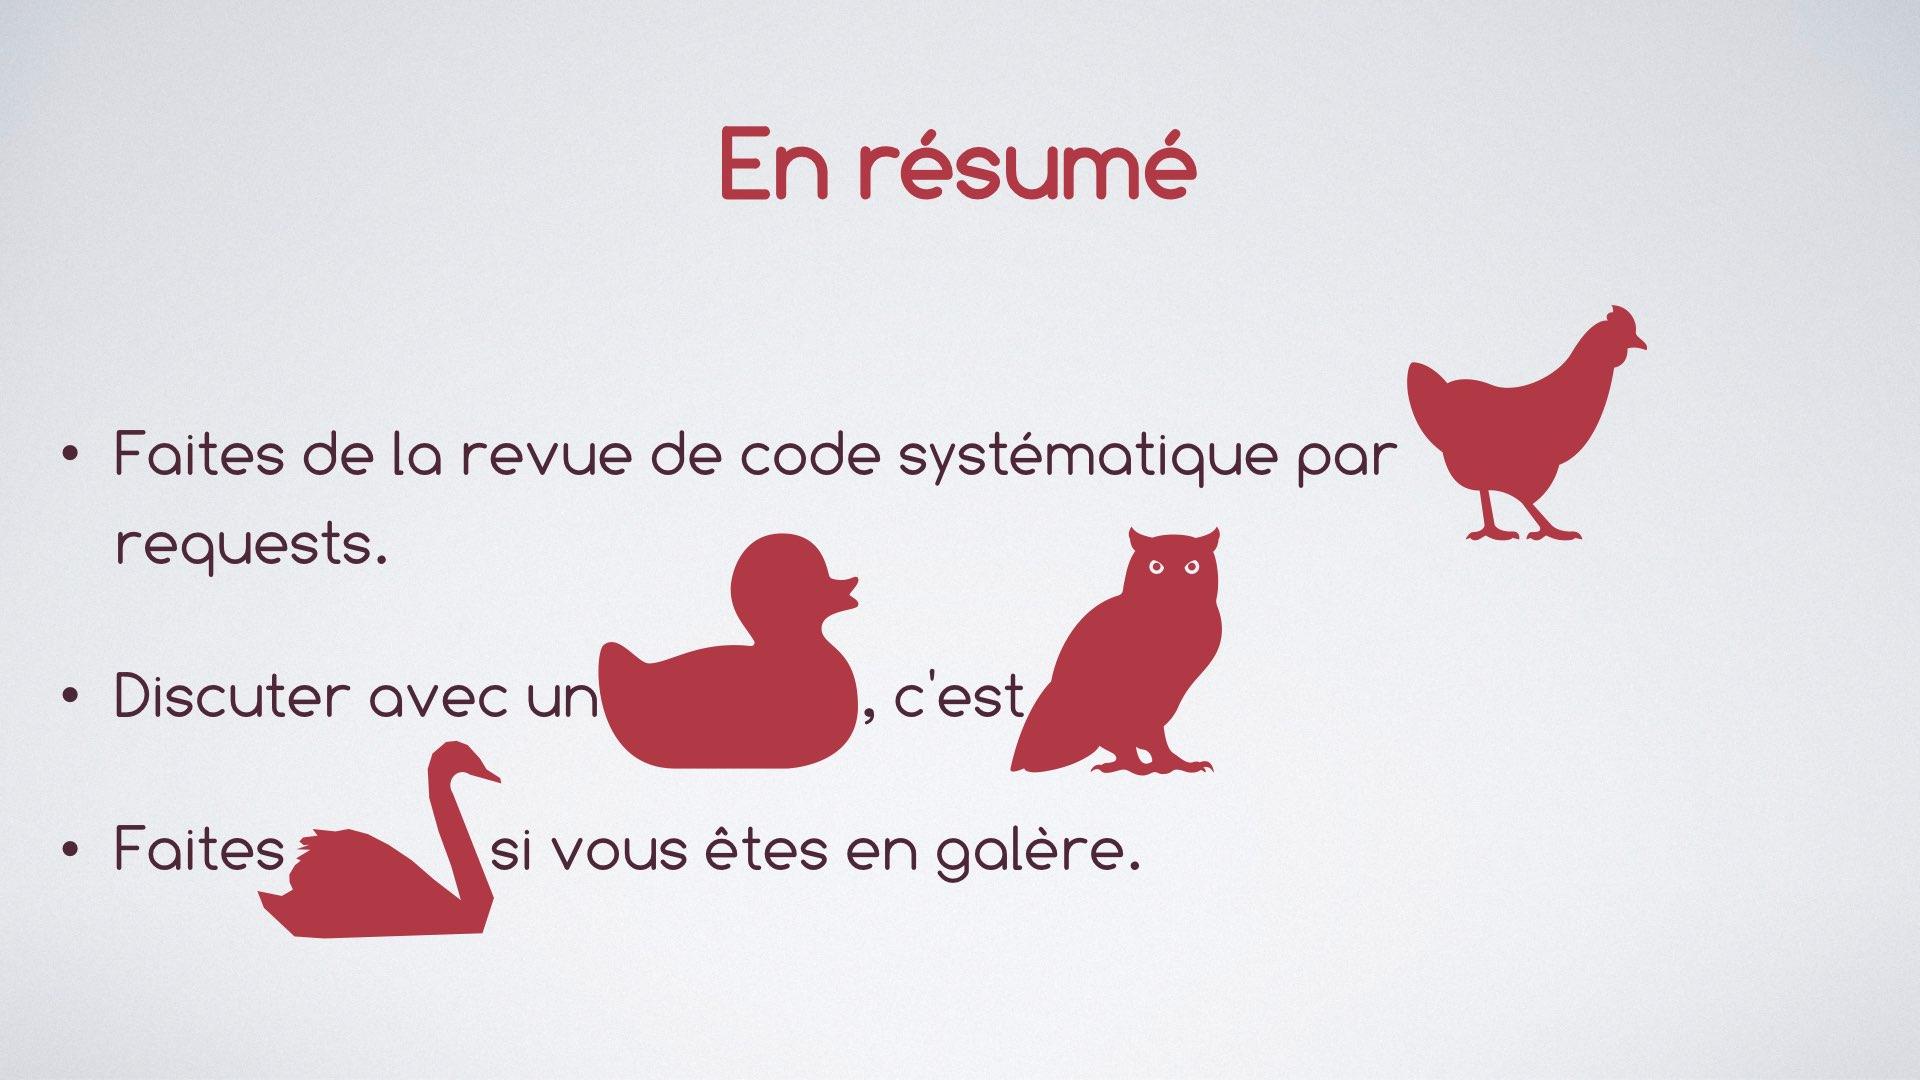 La diapo dit 'En résumé. Faites de la revue de code systématique par poule (pull) requests. Discuter avec un canard, c'est chouette. Et enfin, faites cygne (signe) si vous êtes en galère.'